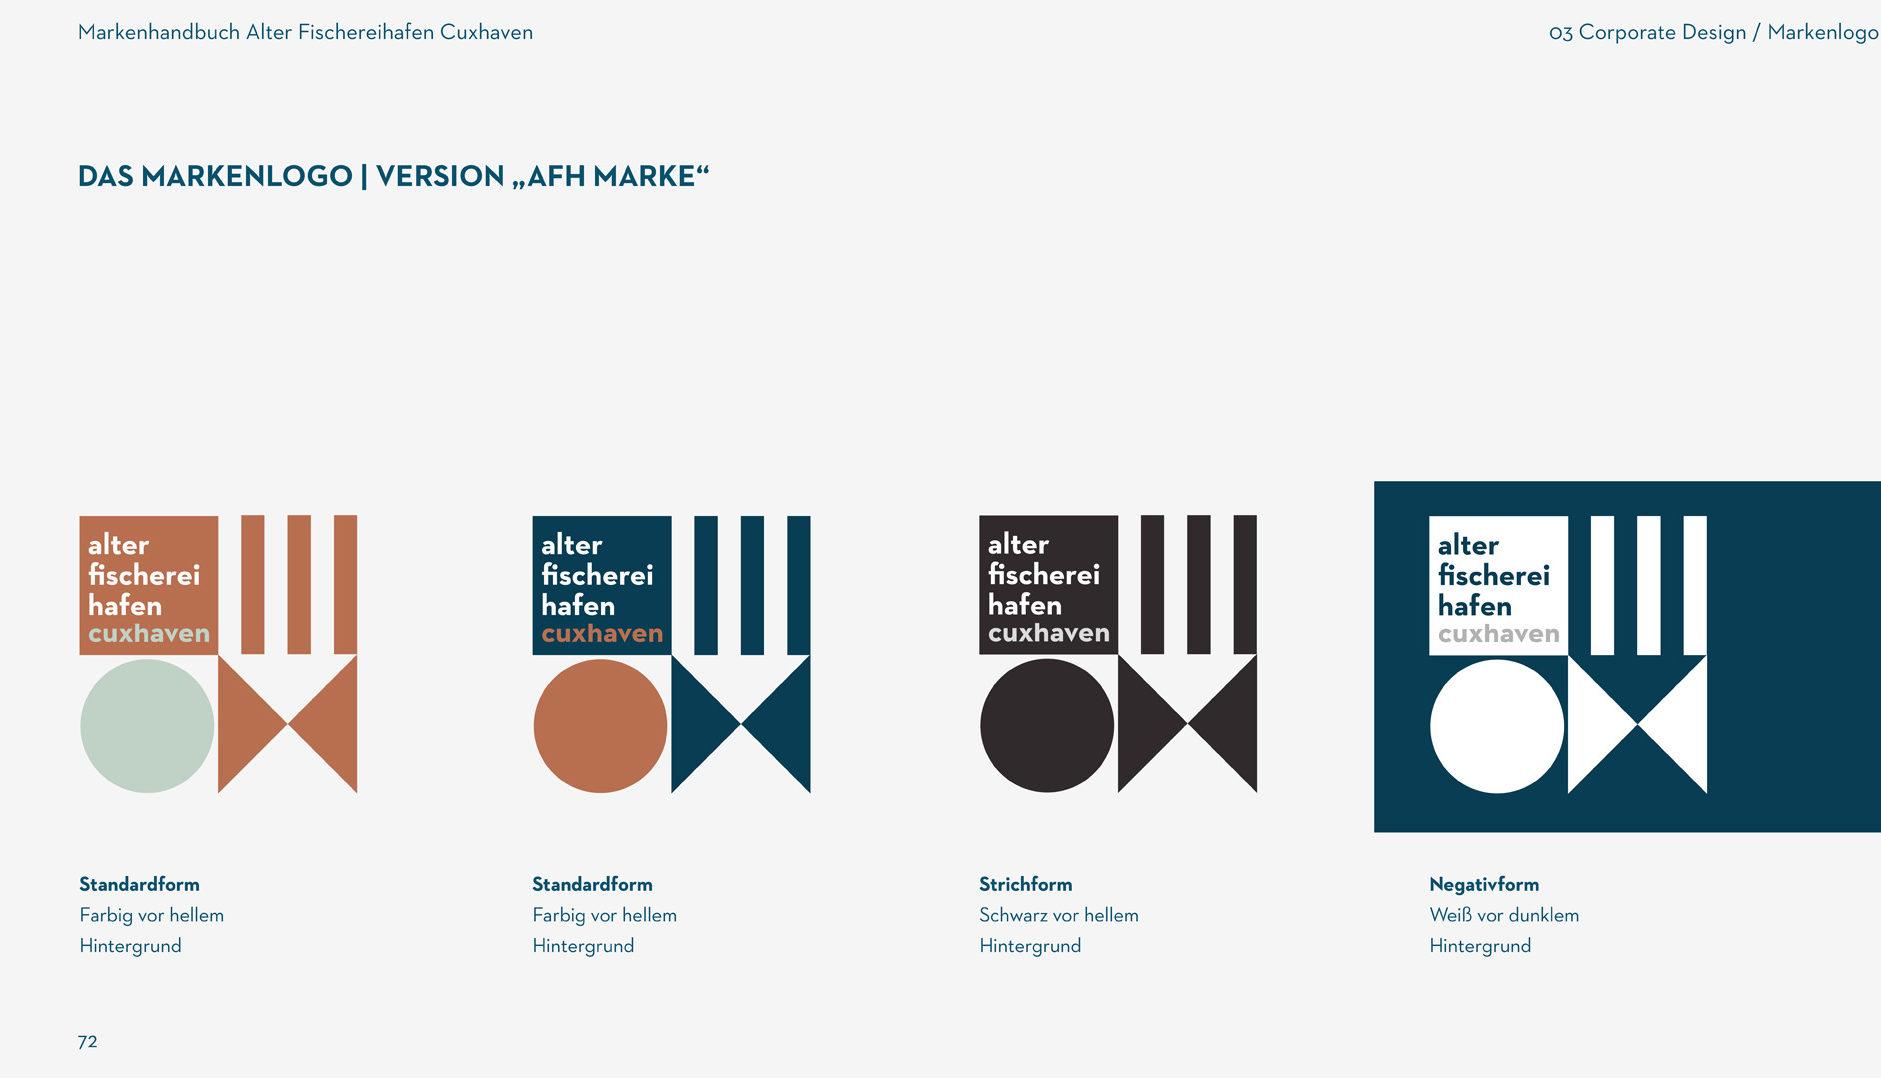 Markenentwicklung Corporate Design Alter Fischereihafen Cuxhaven Markenkonzept Markenlogo Going Places